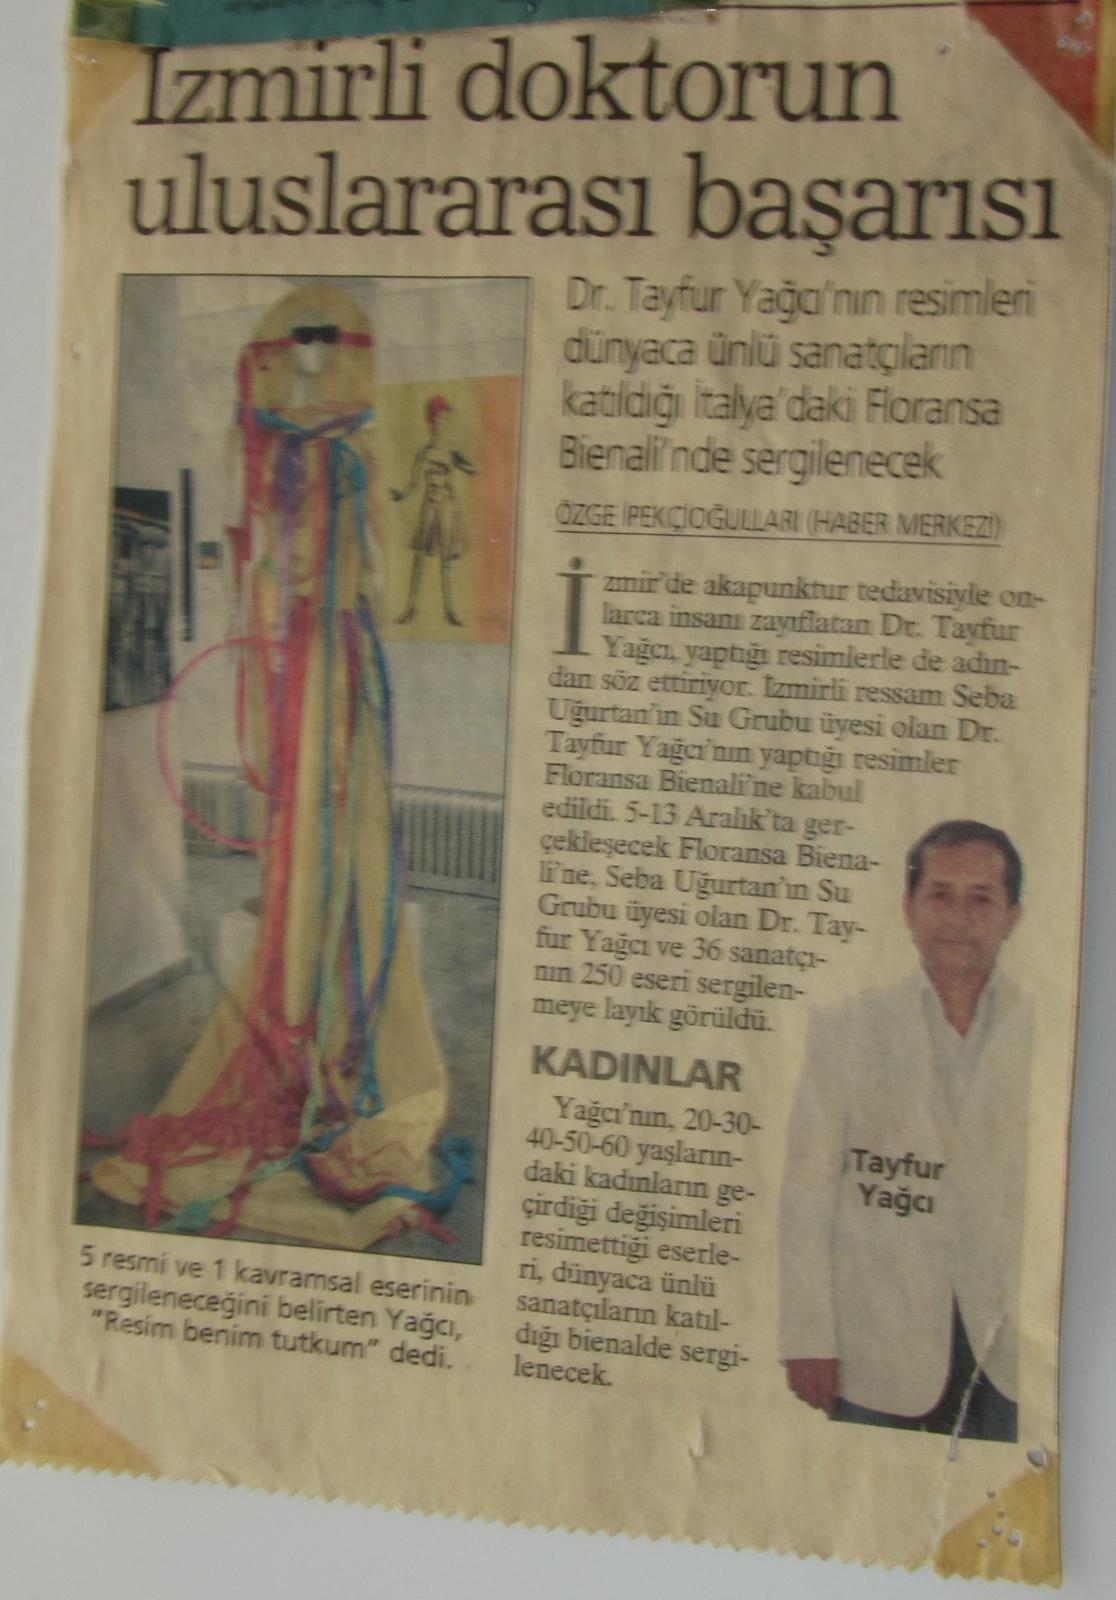 İzmirli Doktorun Uluslararası Başarısı